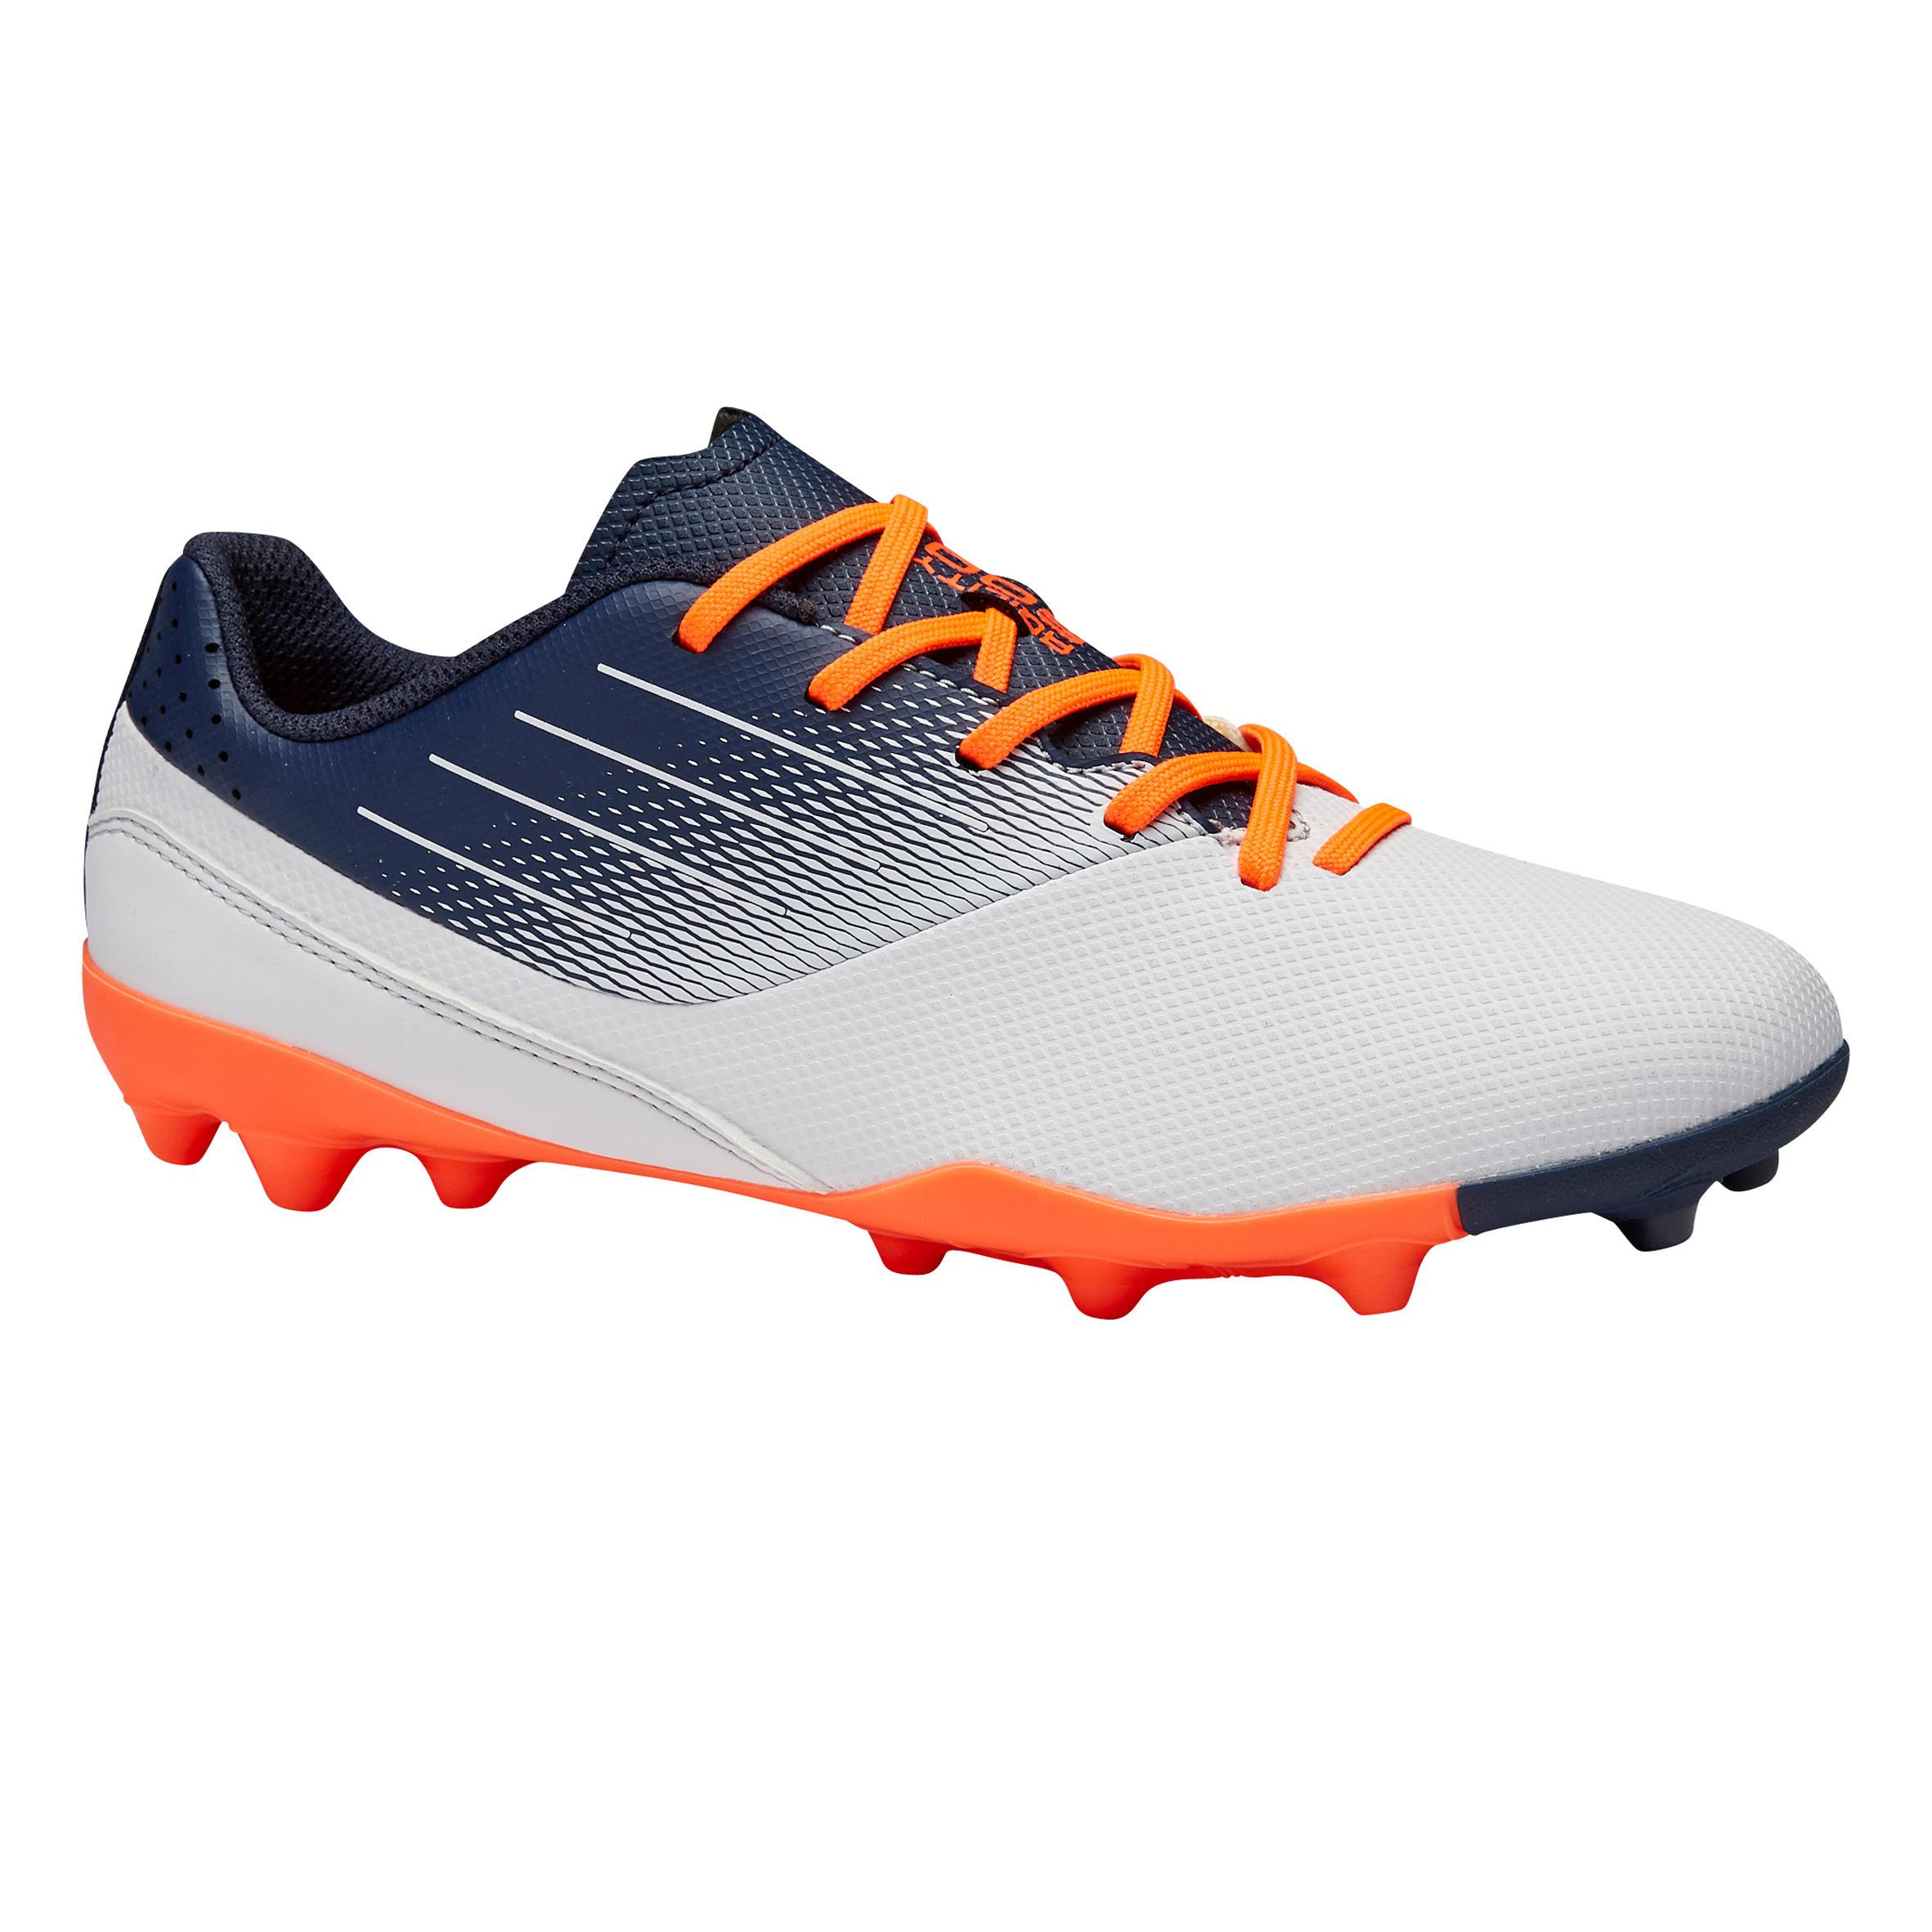 Herren Fußballschuhe Kinder Neu Outdoor Nockenschuhe Kickschuhe Fussball Schuhe